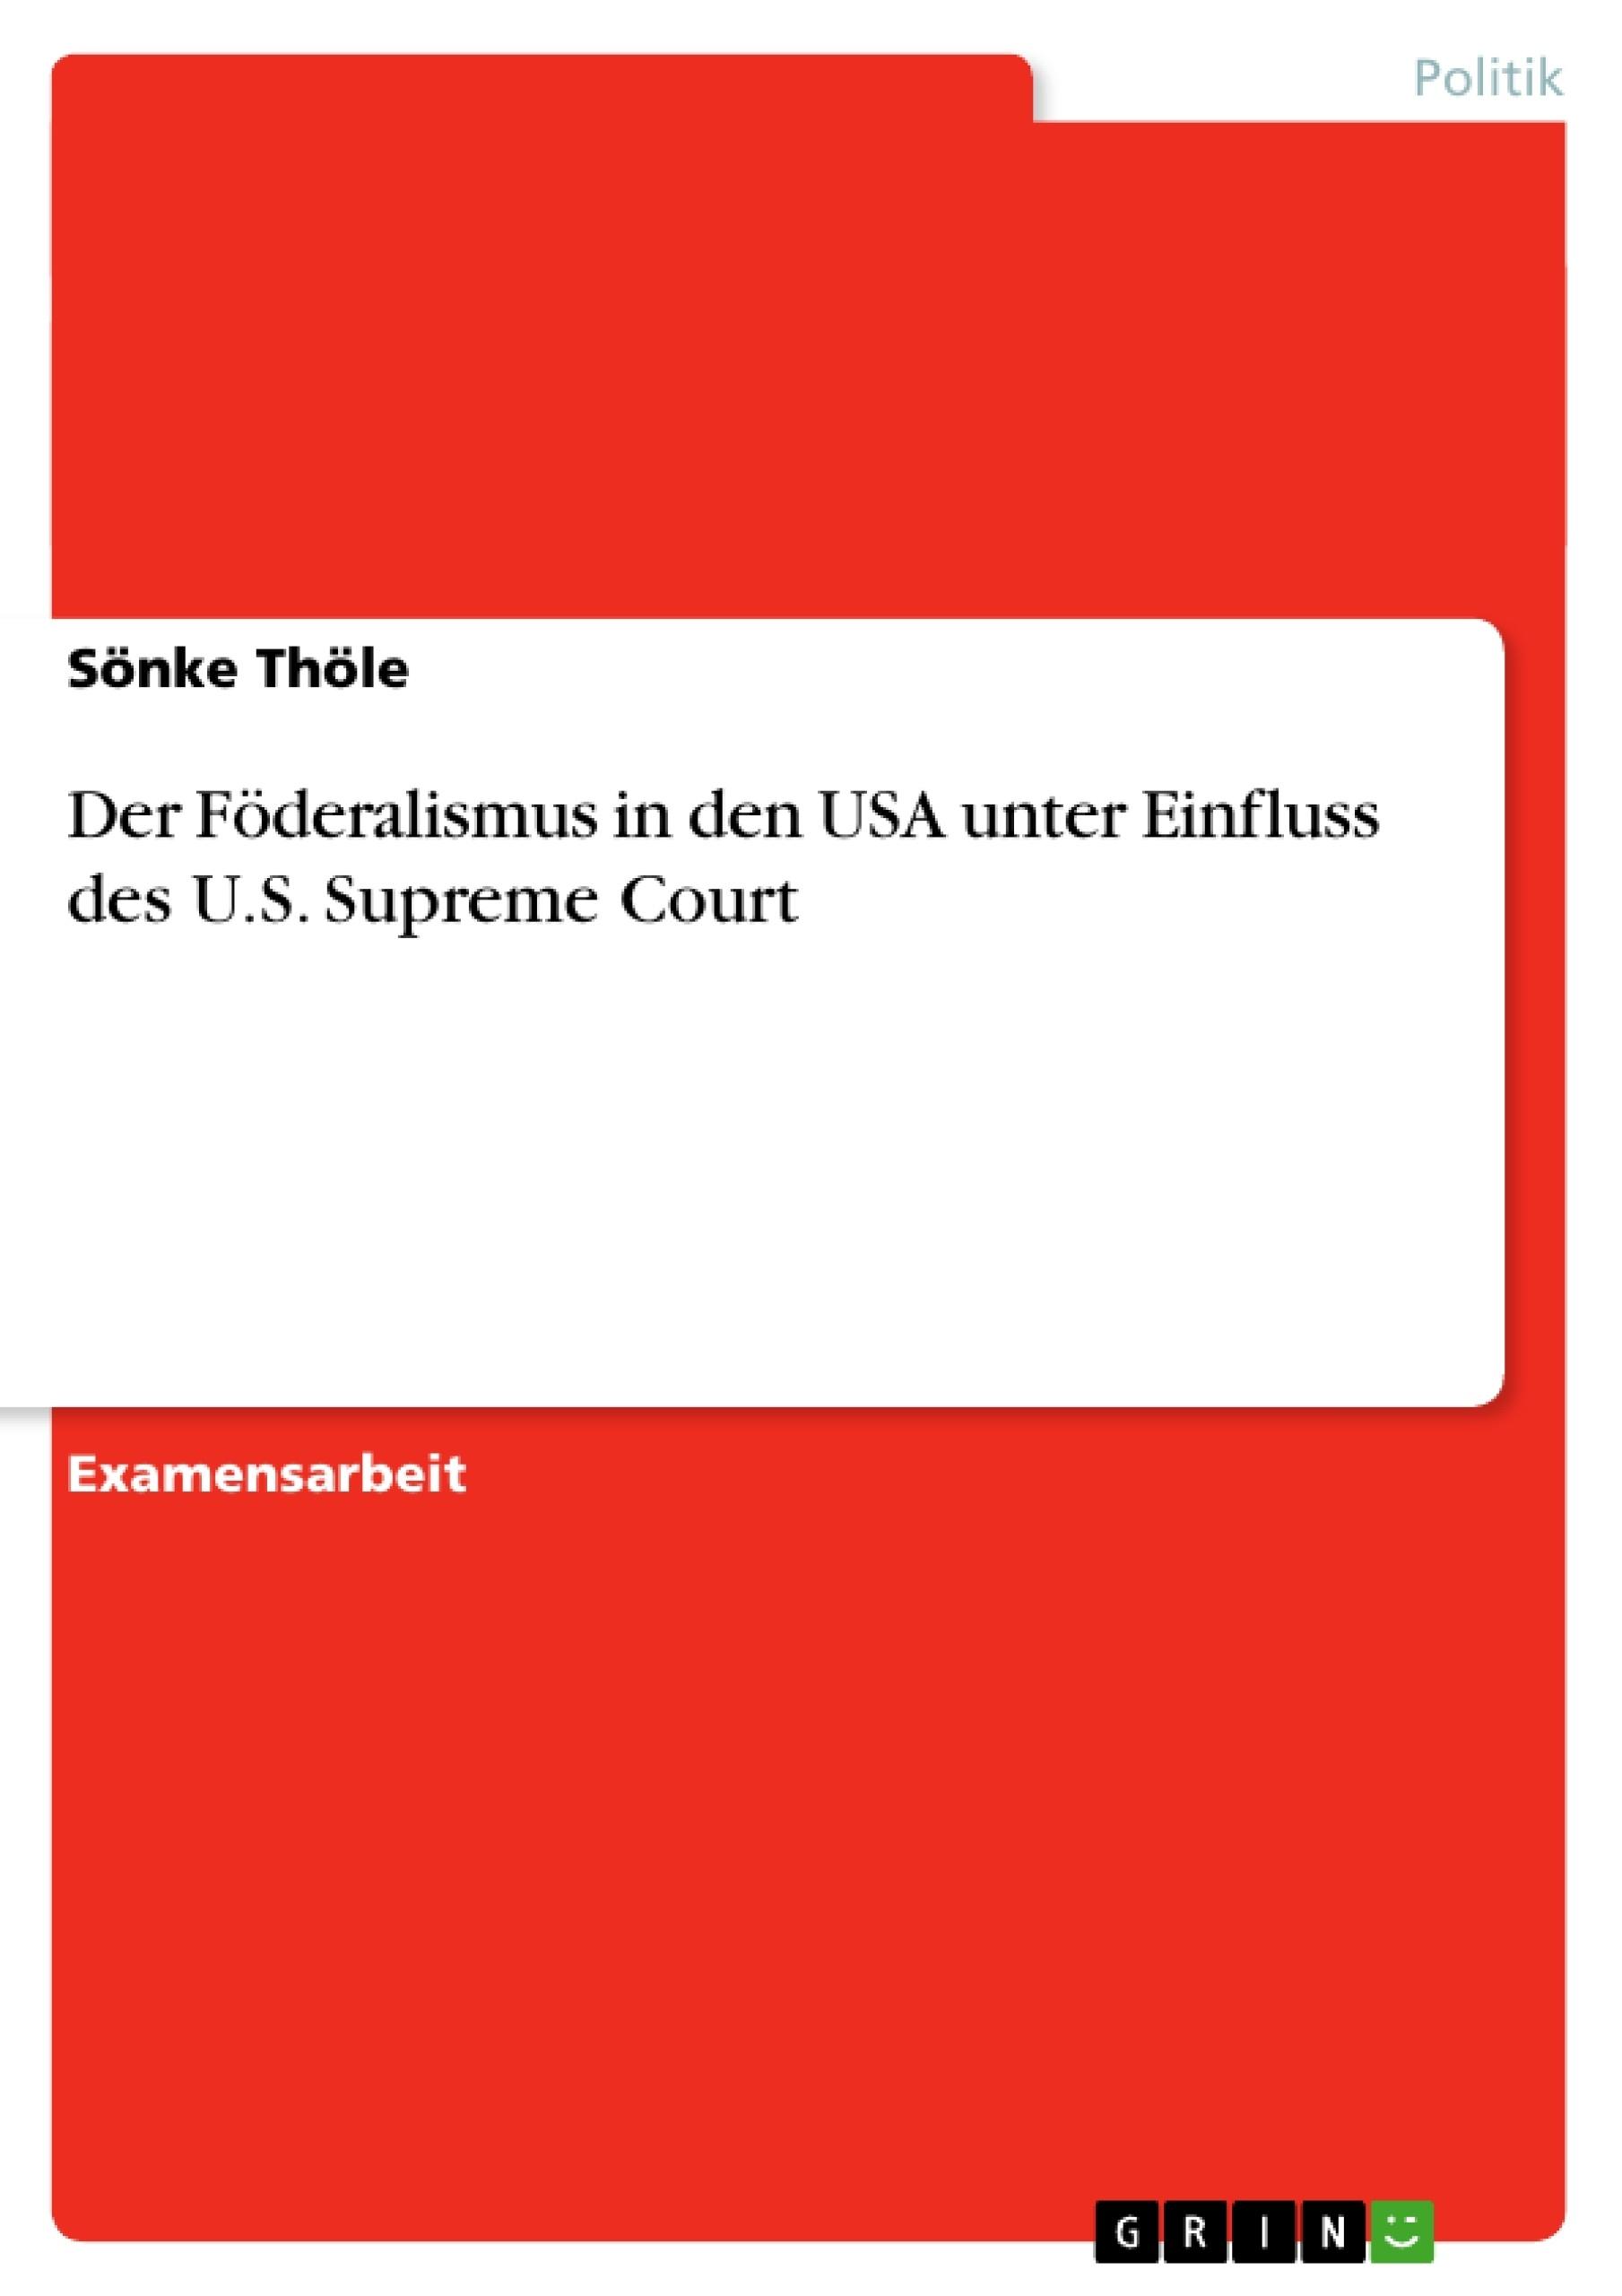 Titel: Der Föderalismus in den USA unter Einfluss des U.S. Supreme Court